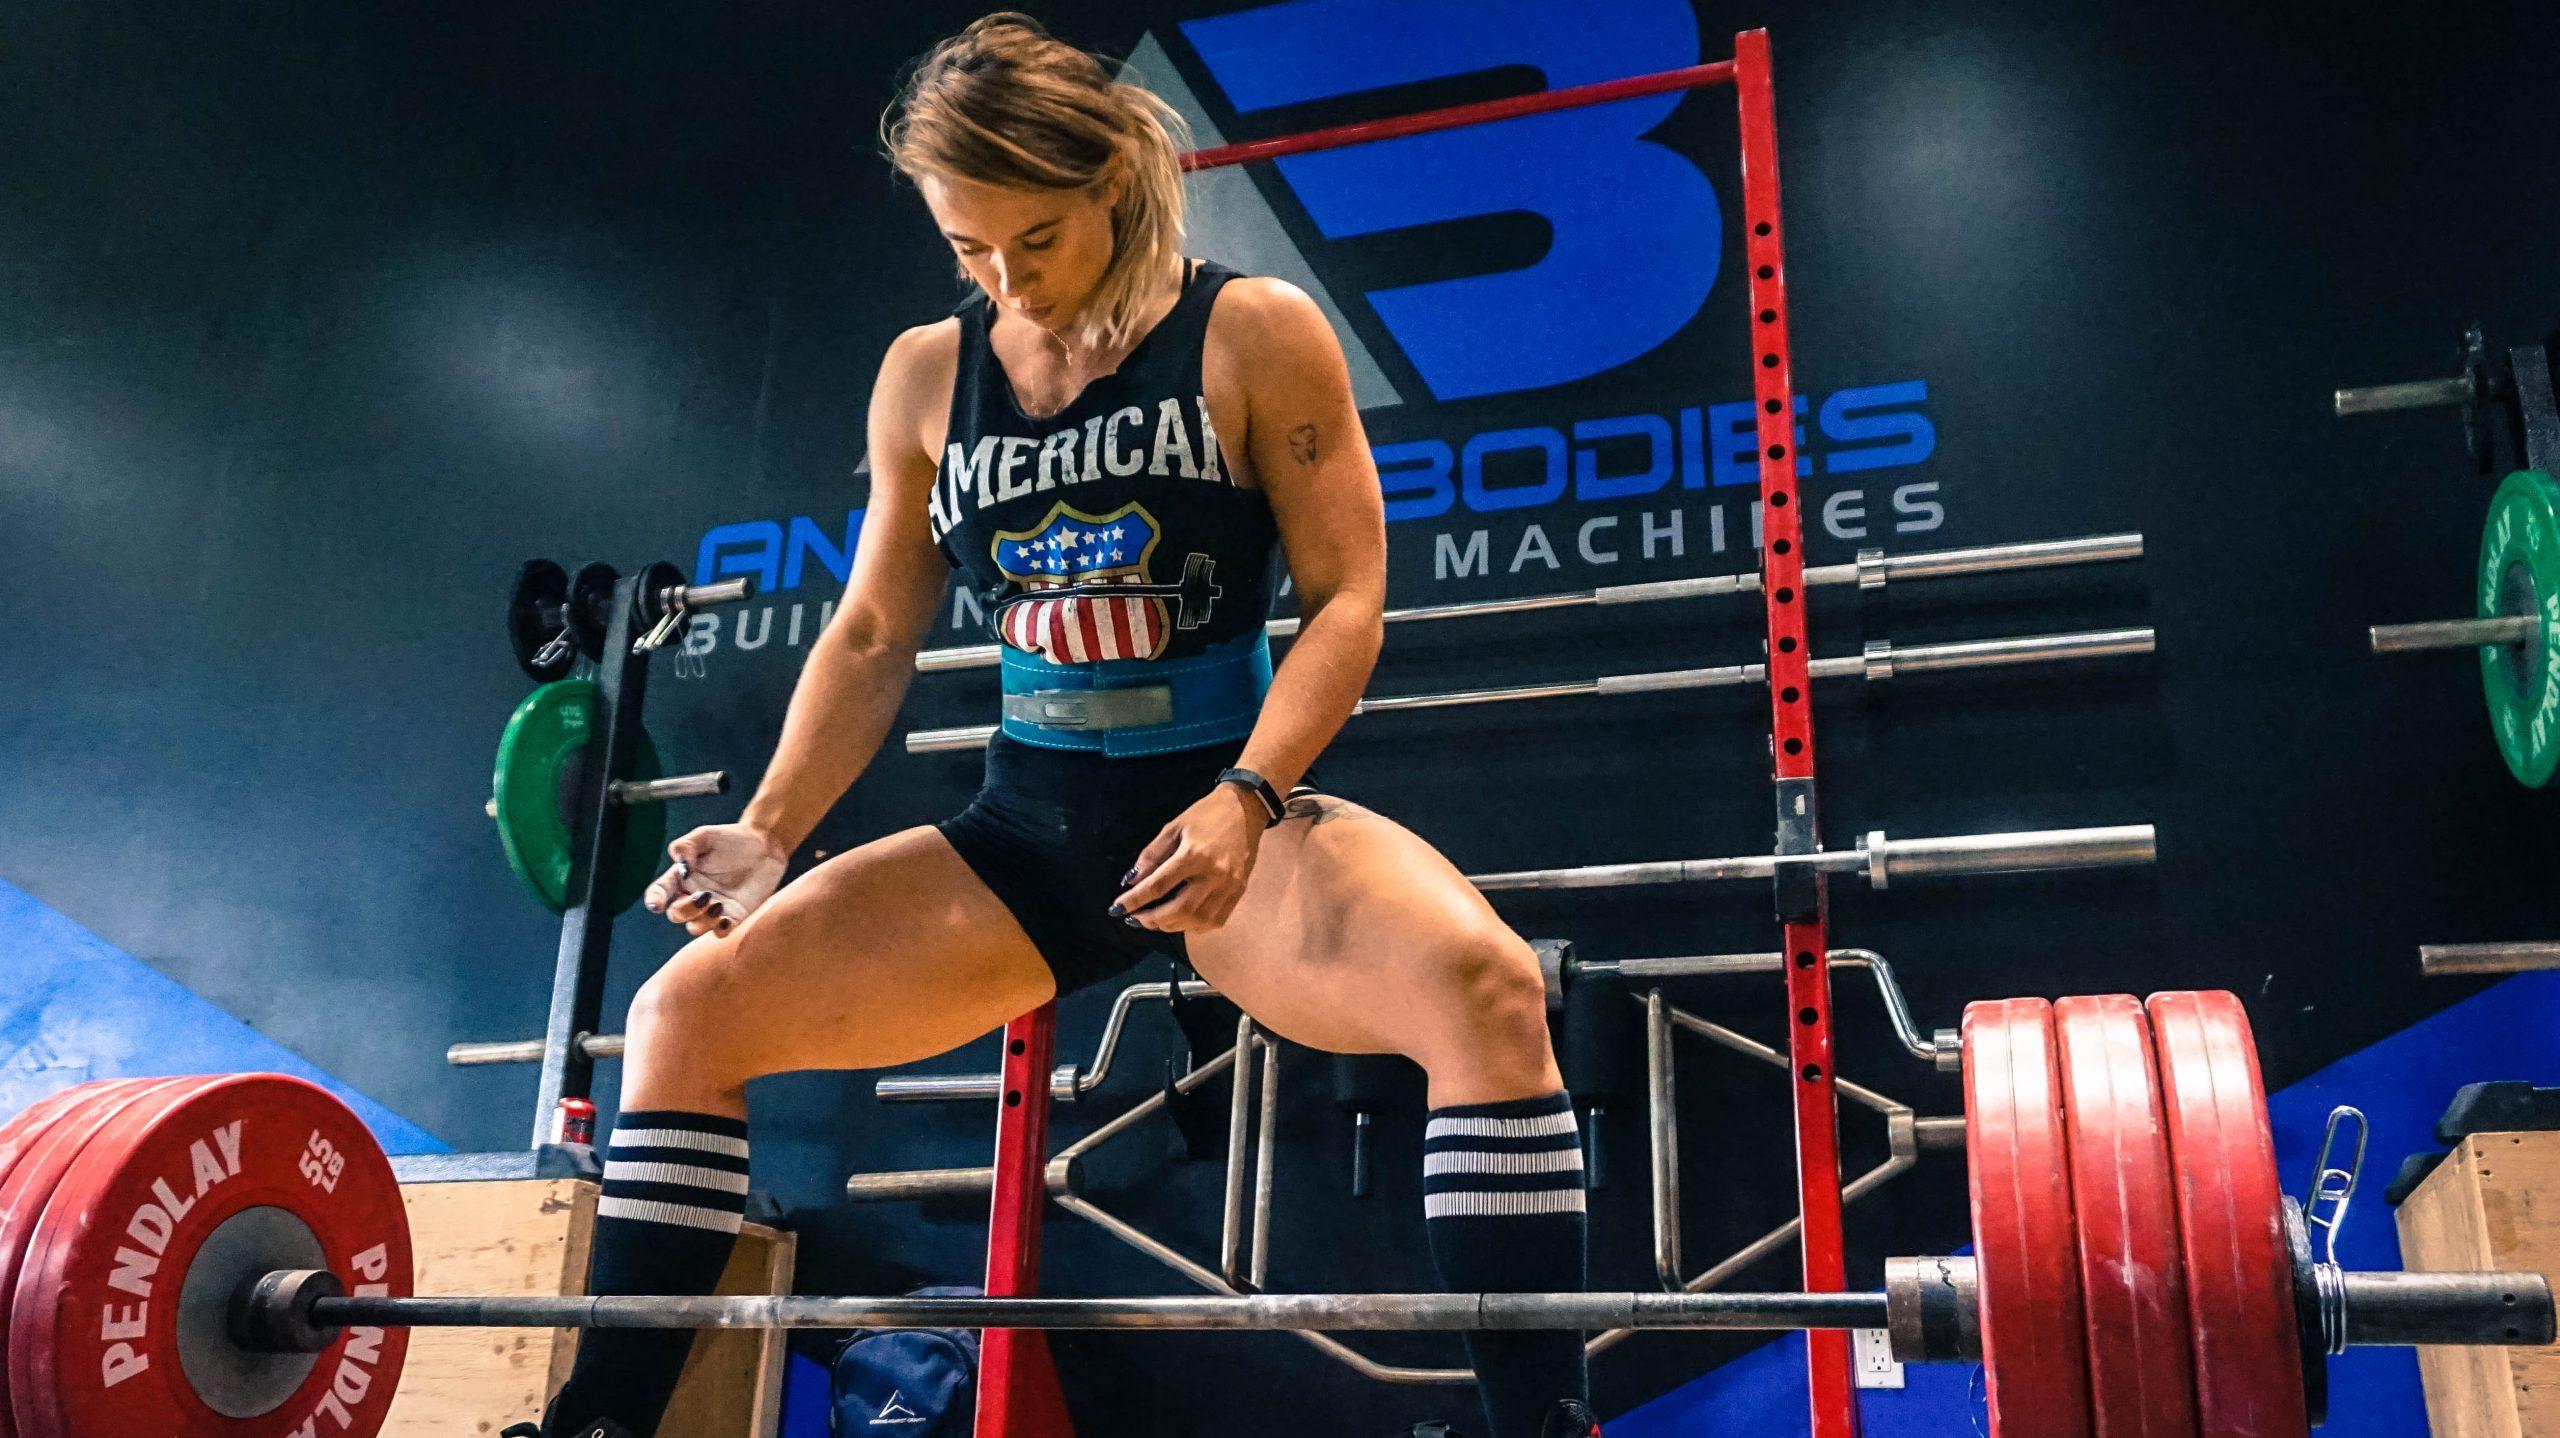 Imagende una mujer haciendo levantamiento de pesas usando un cinturón de levantamiento